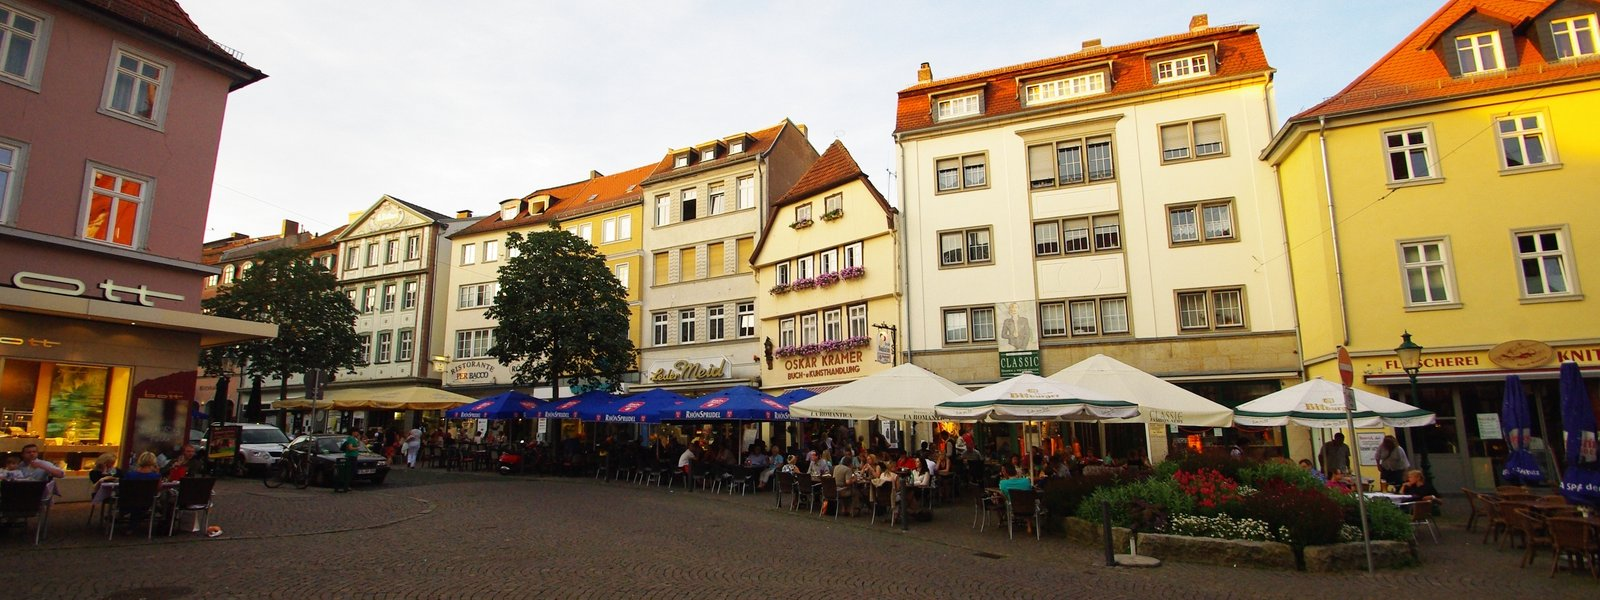 Fulda-Friedrichstrasse